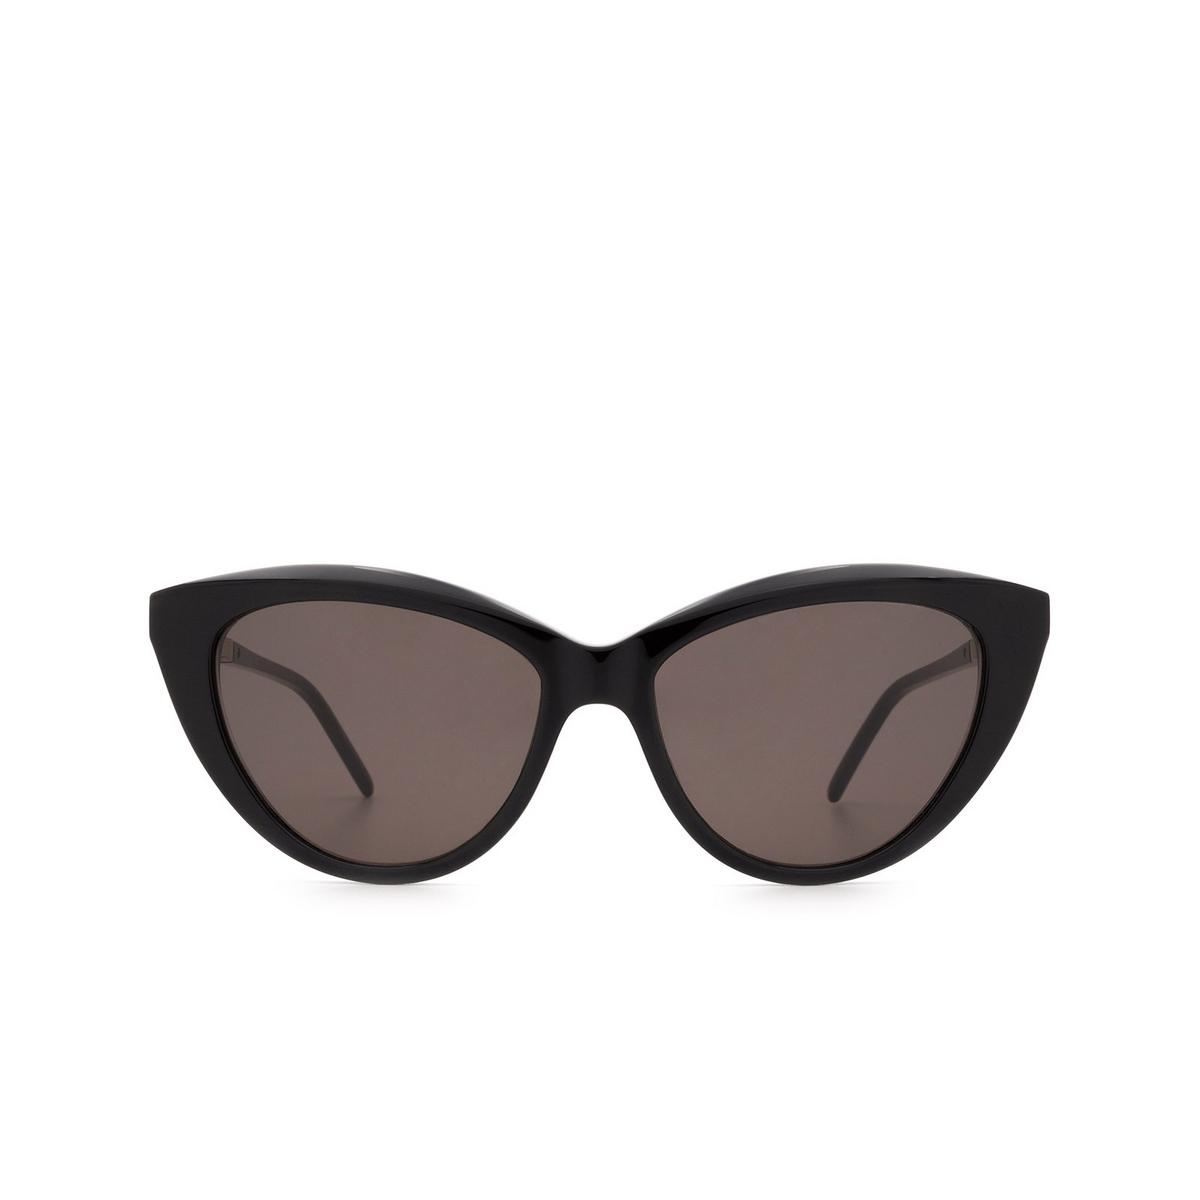 Saint Laurent® Cat-eye Sunglasses: SL M81 color Black 001 - 1/3.